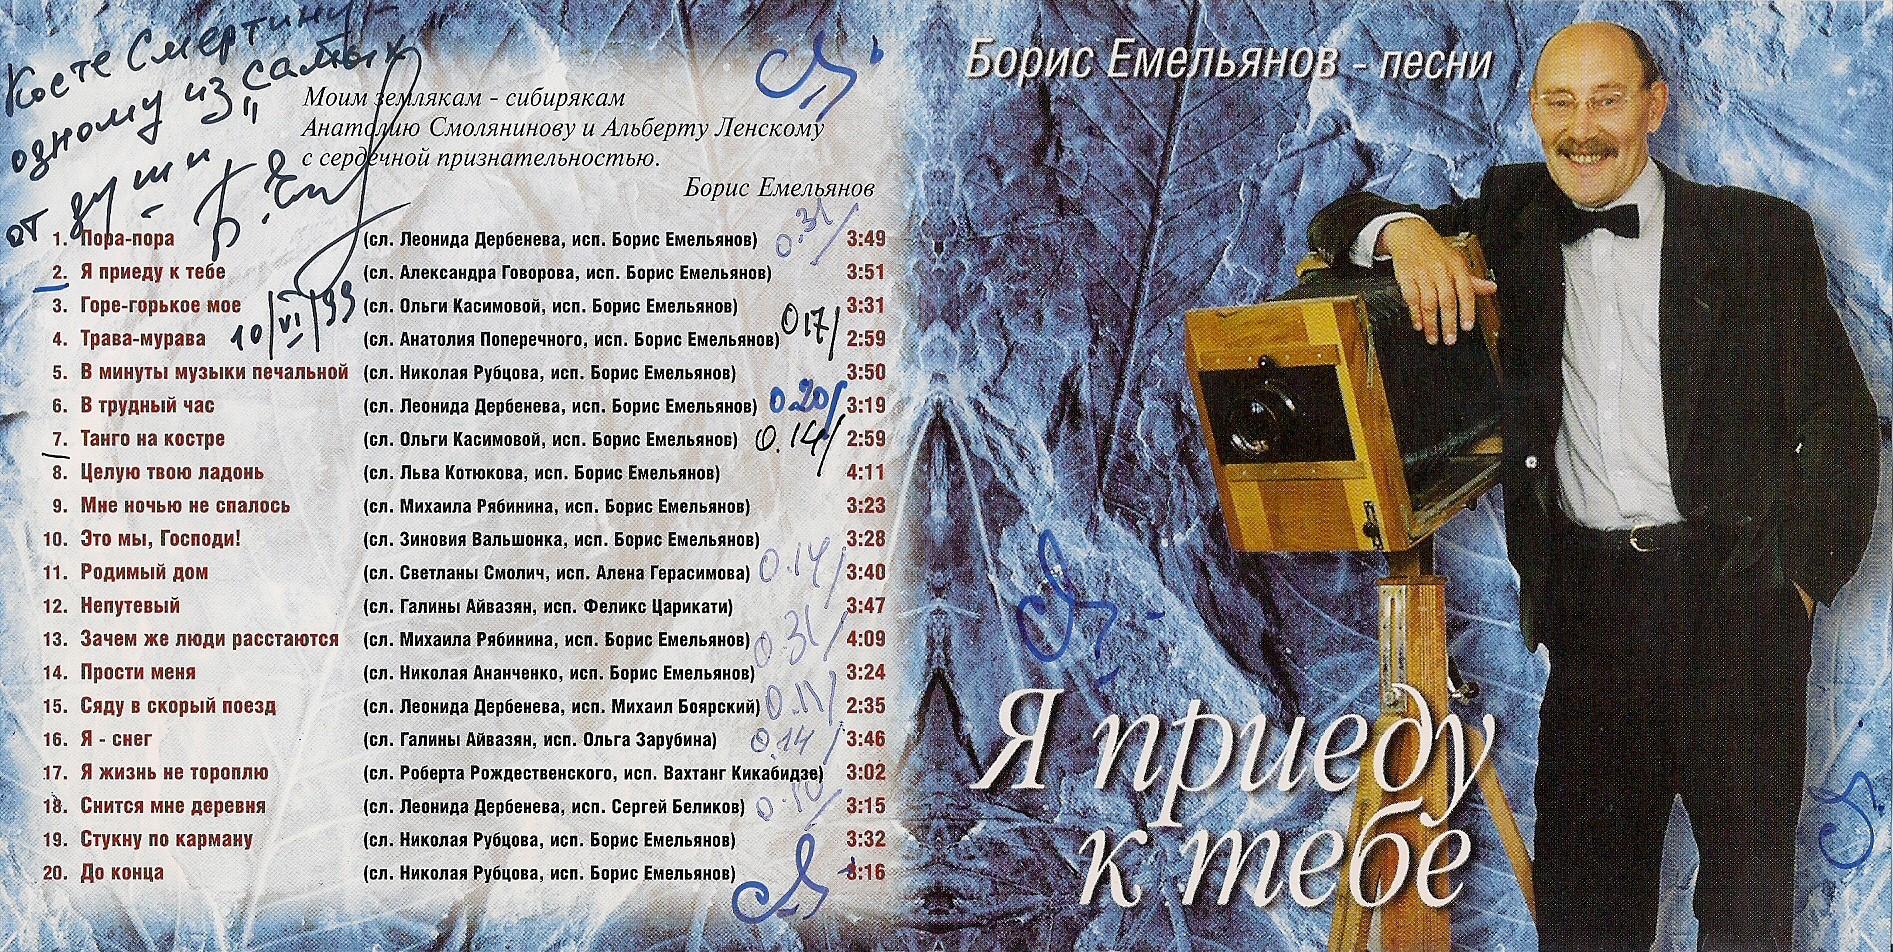 Название: _Эти песни Б.Емельянова  звучали на Маяке.jpg Просмотров: 30  Размер: 1.03 Мб